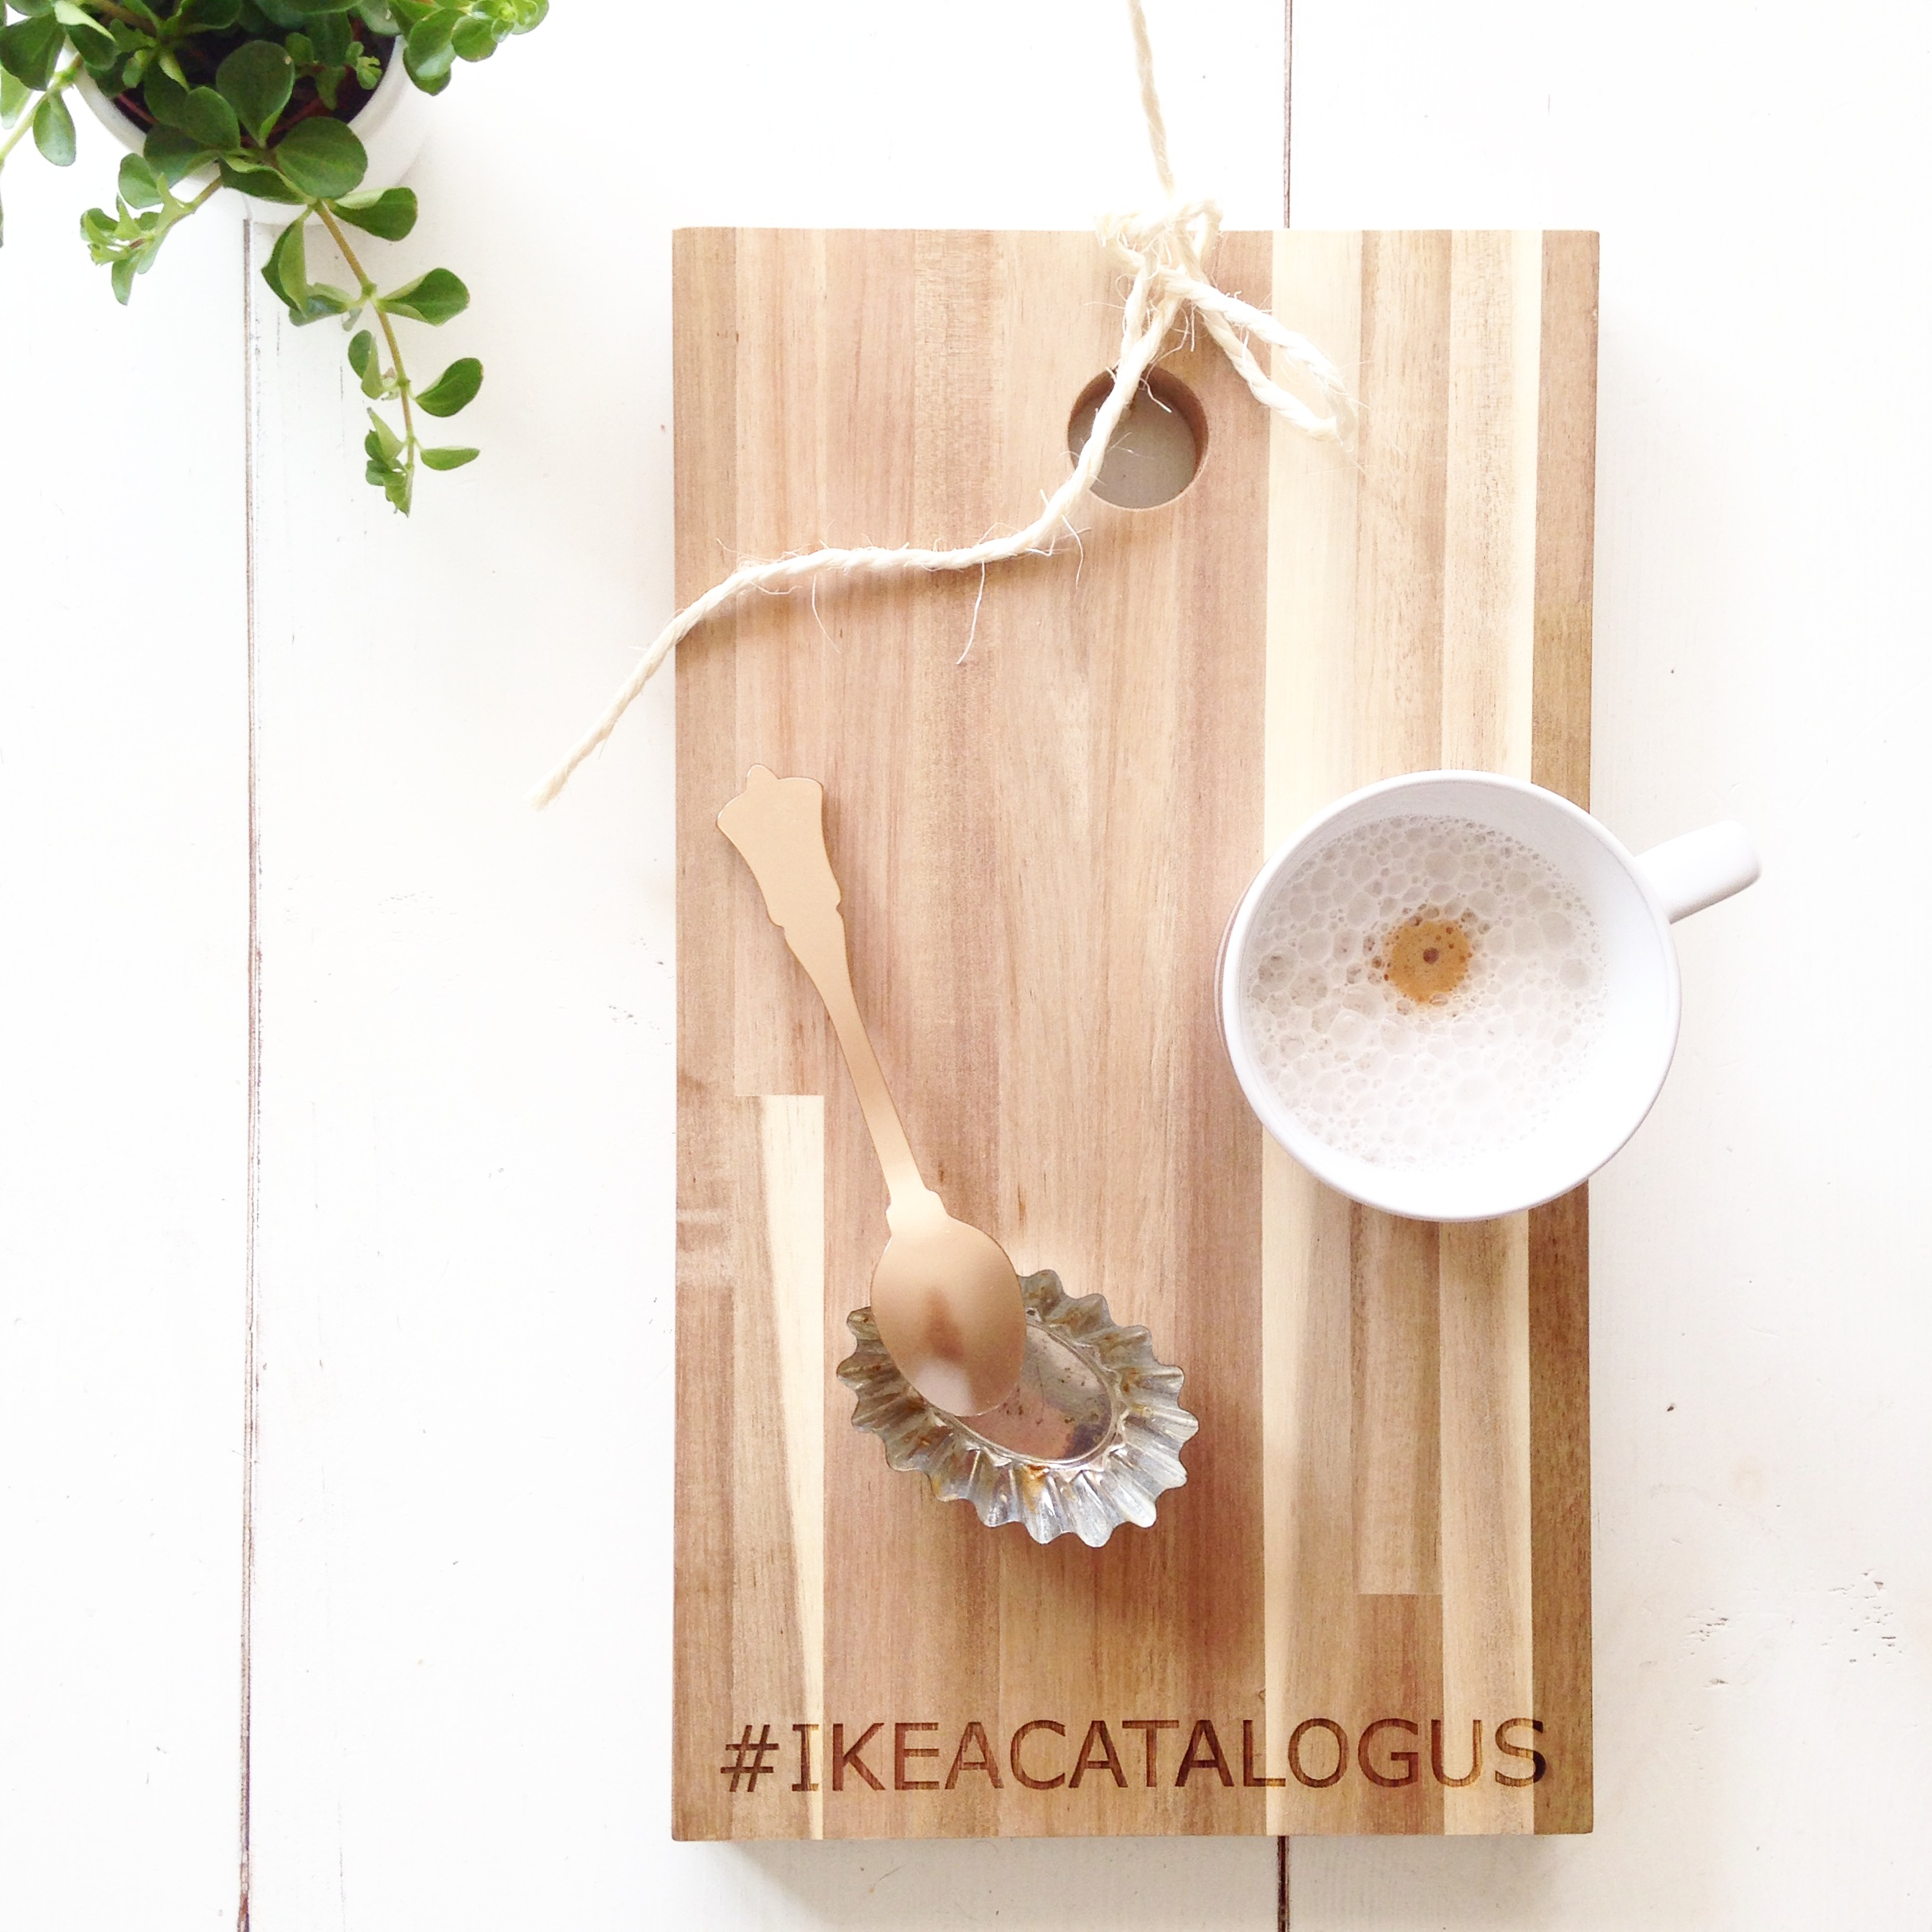 selinesteba.com - Seline Steba ikeacatalogus